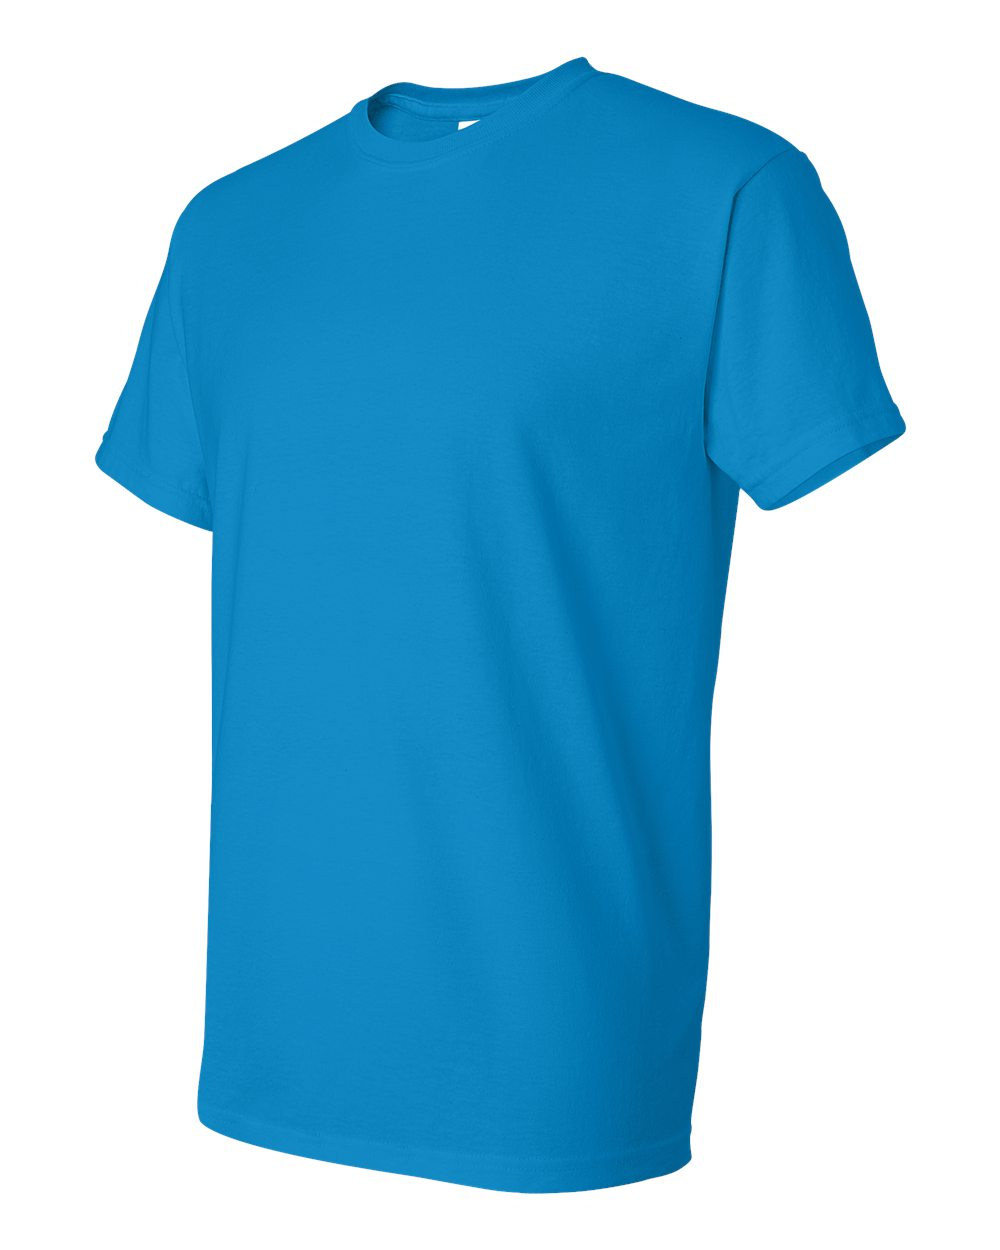 Gildan-Mens-DryBlend-5-6-oz-50-50-T-Shirt-G800-Size-S-5XL thumbnail 80